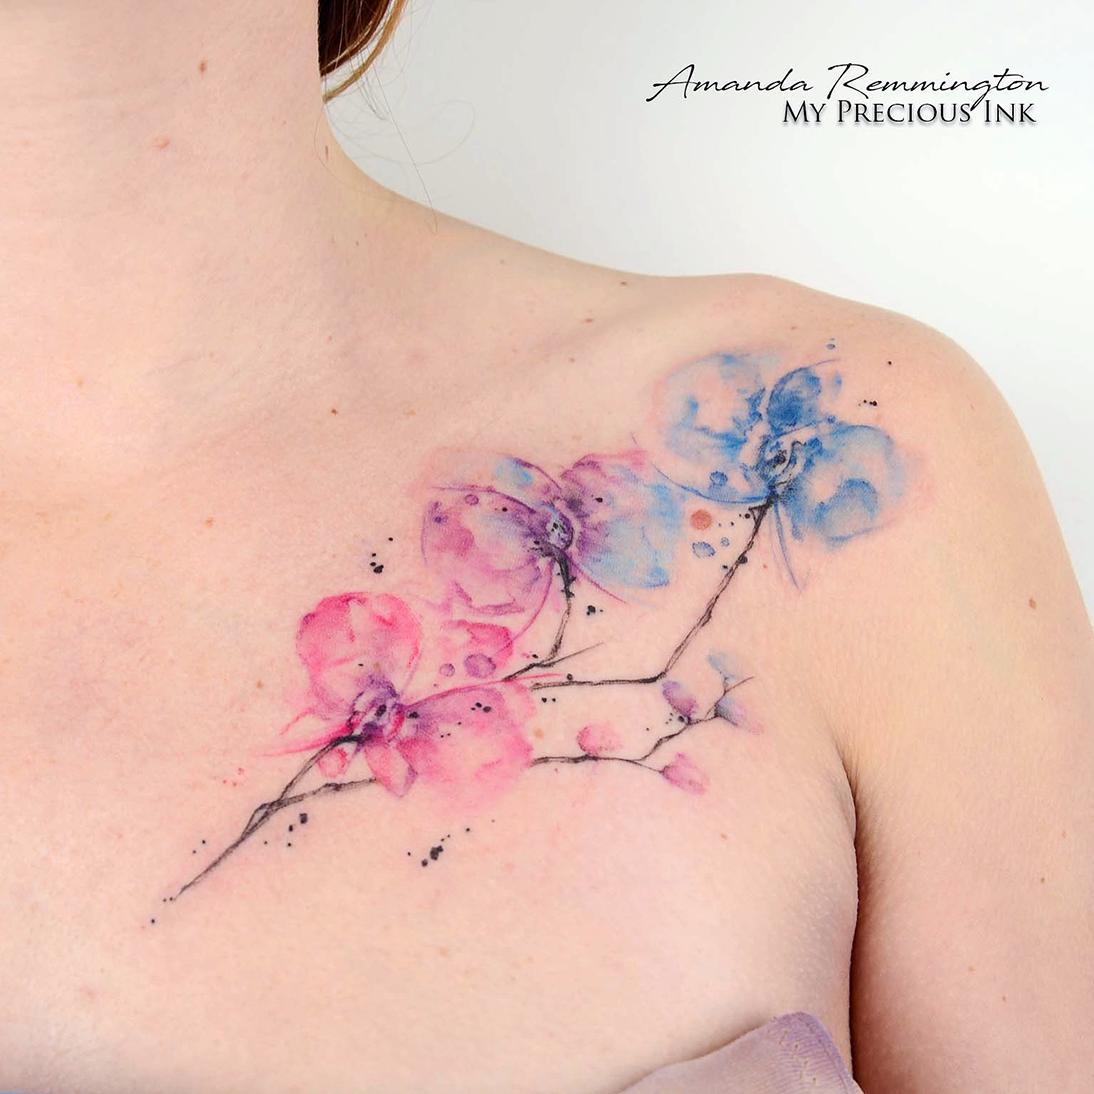 My Precious Ink Tattoo's